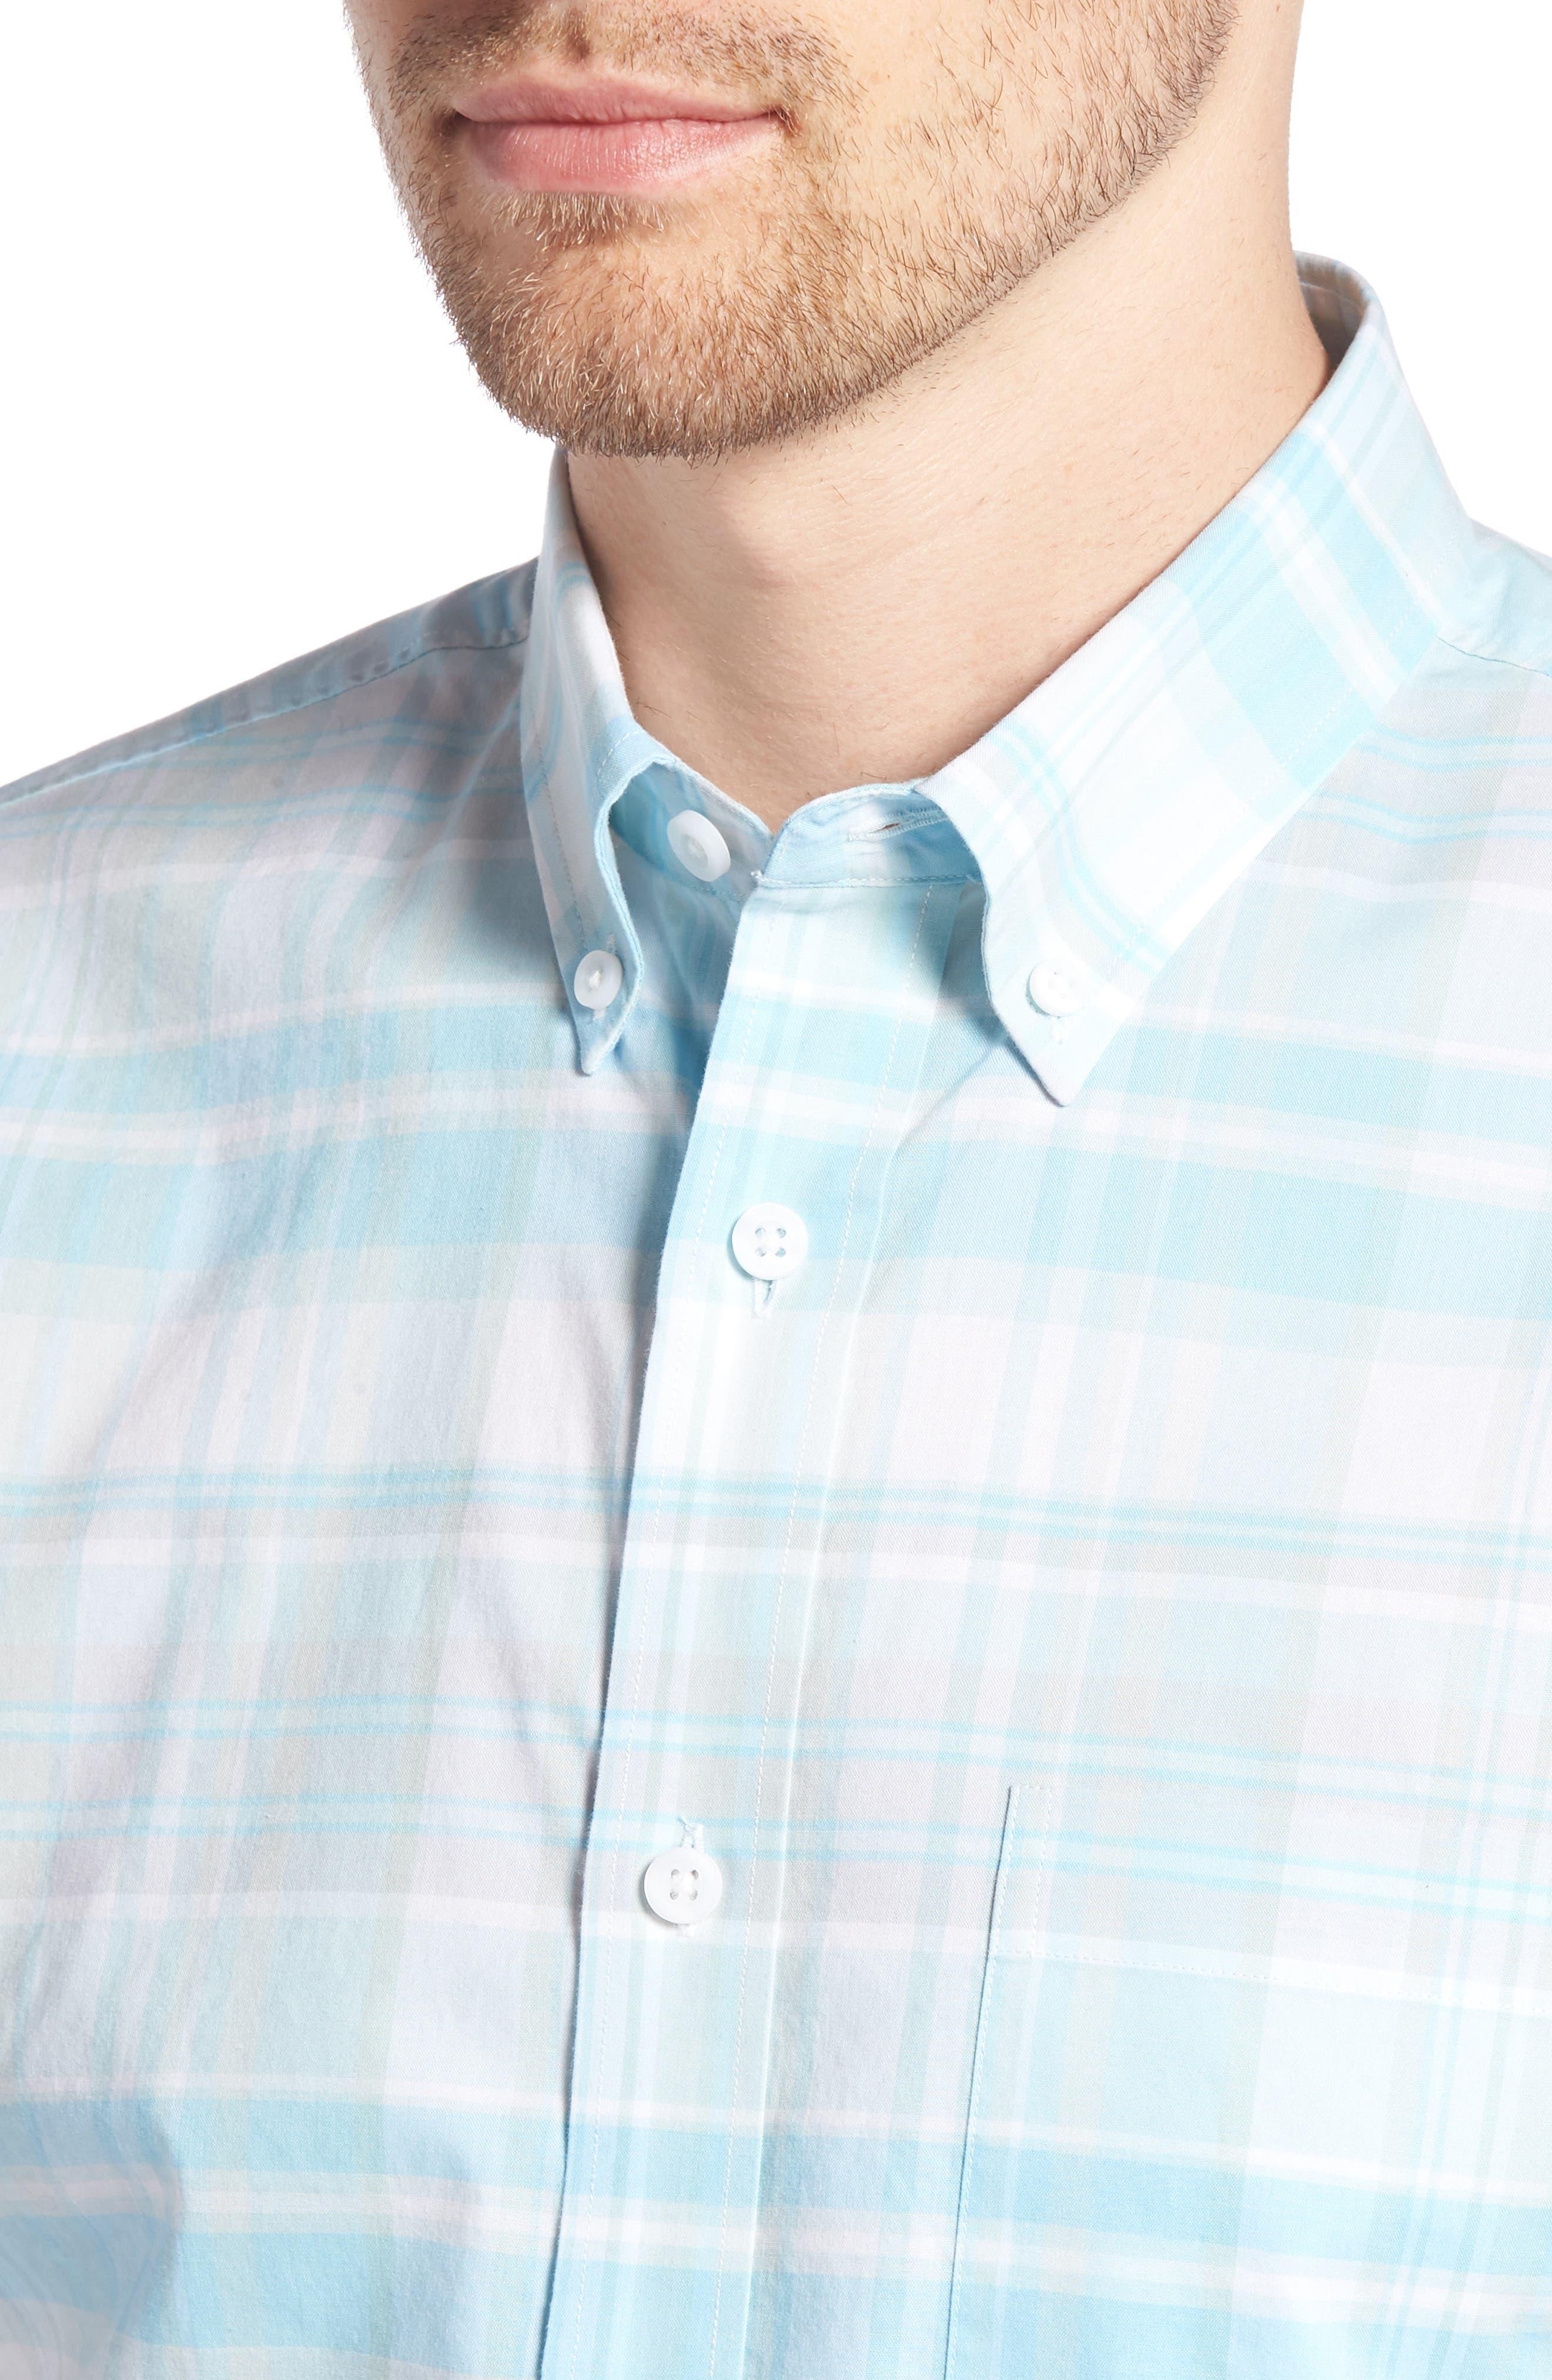 Trim Fit Plaid Sport Shirt,                             Alternate thumbnail 2, color,                             Blue Orydalis Teal Plaid